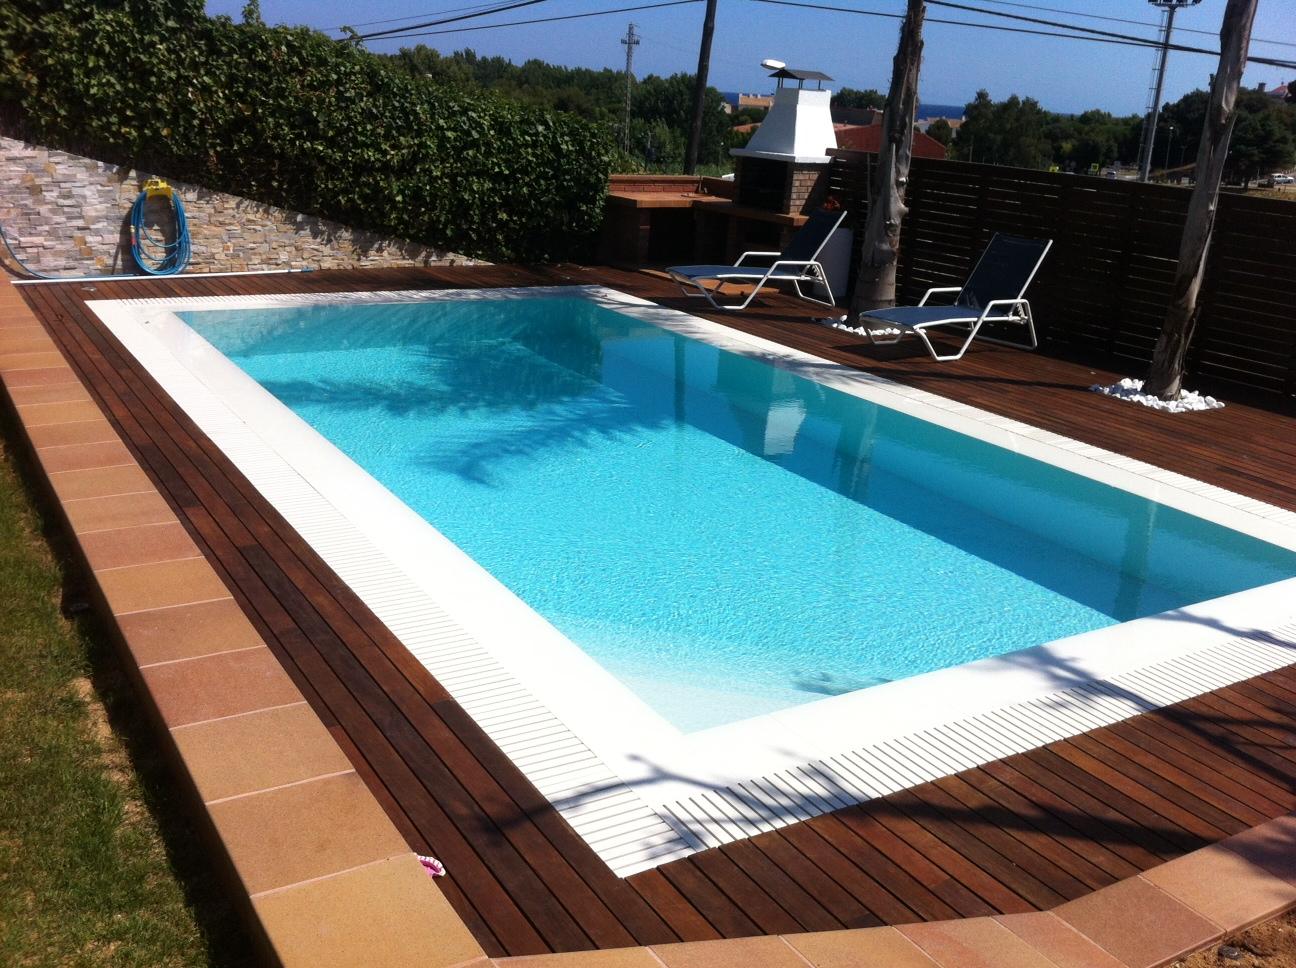 Rosa gres piscina blanca agua azul caribe for Gres para piscinas